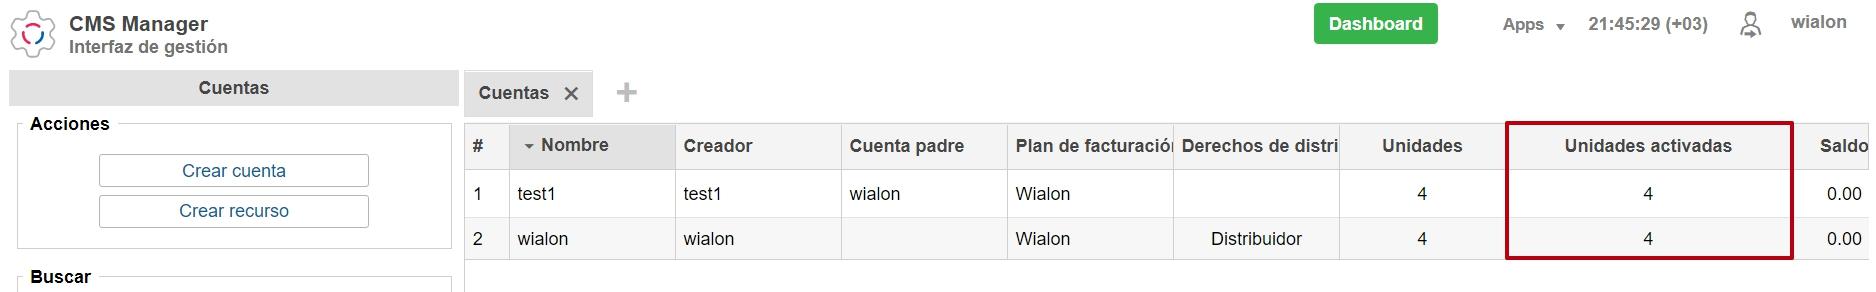 """Nueva columna para unidades activadas en la pestaña """"Cuentas"""""""